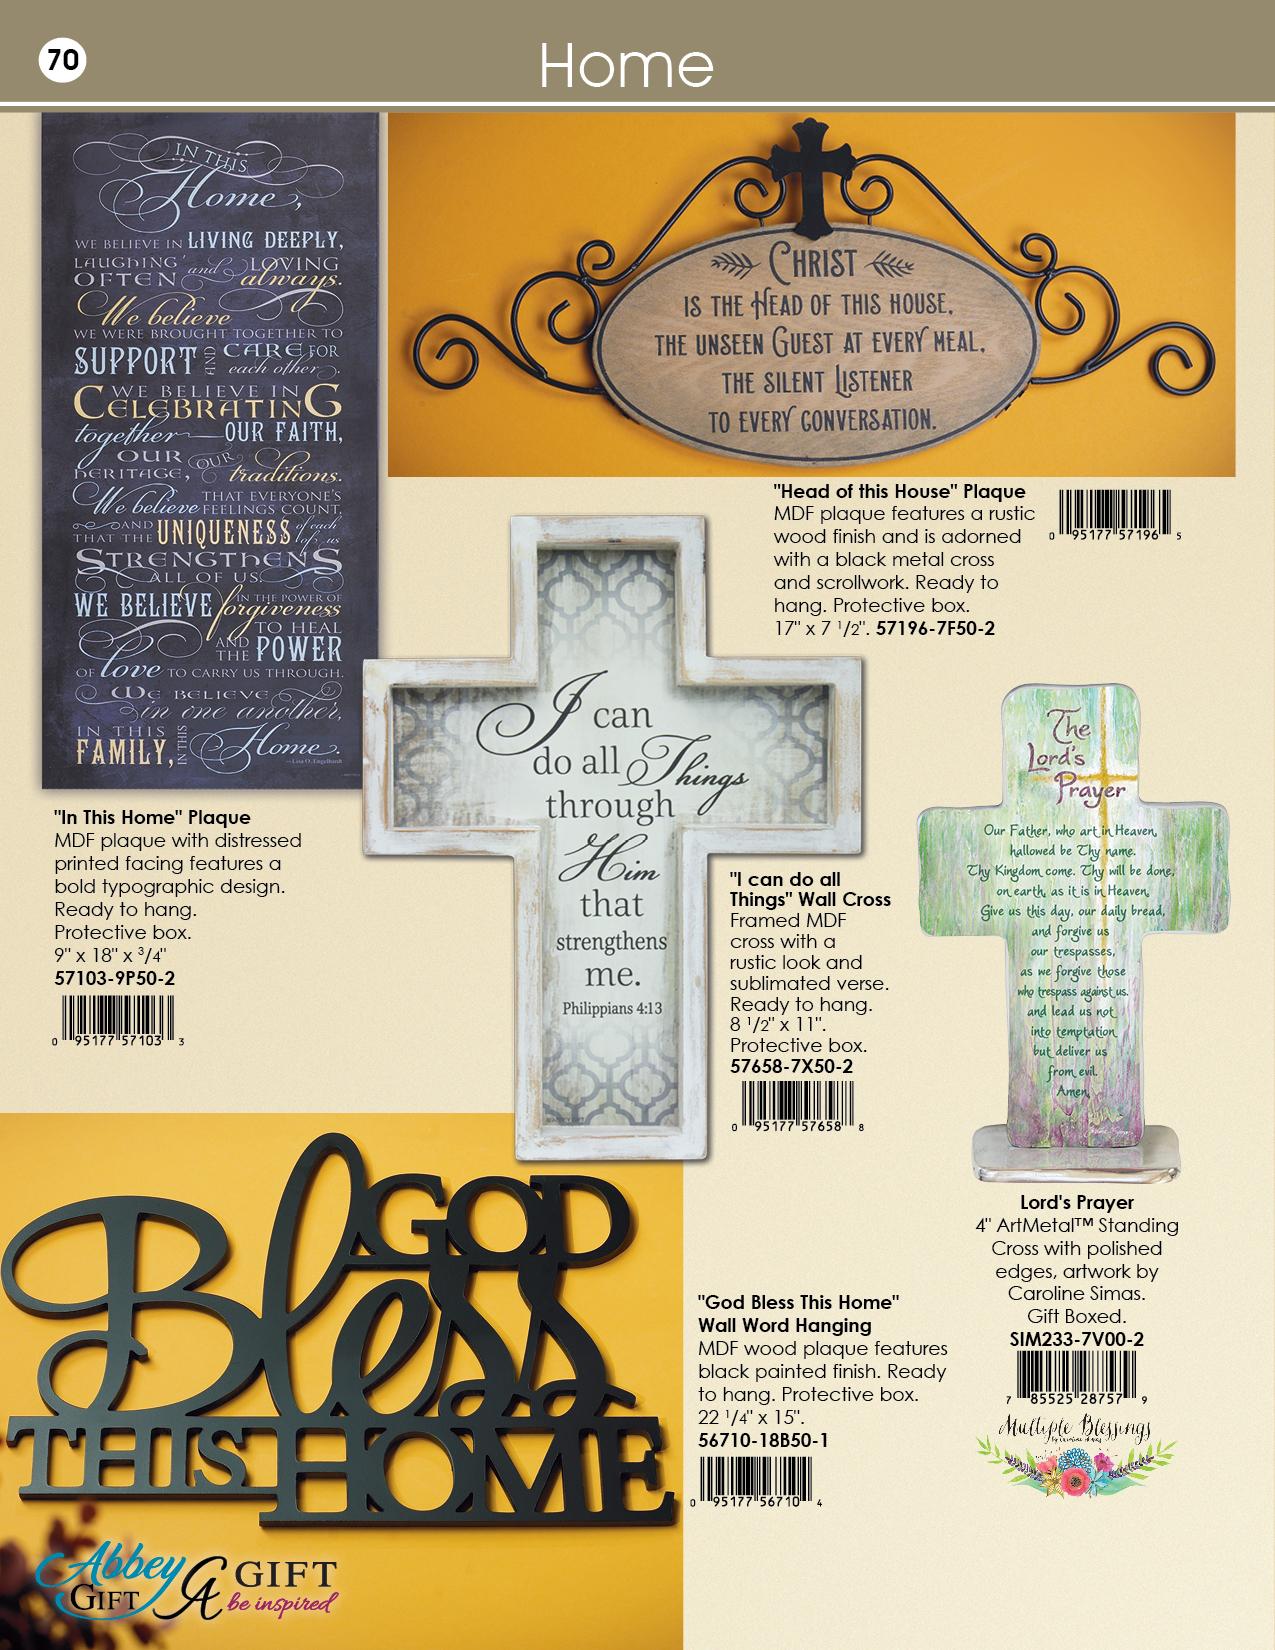 2019 Abbey CA Gift Catalog 70